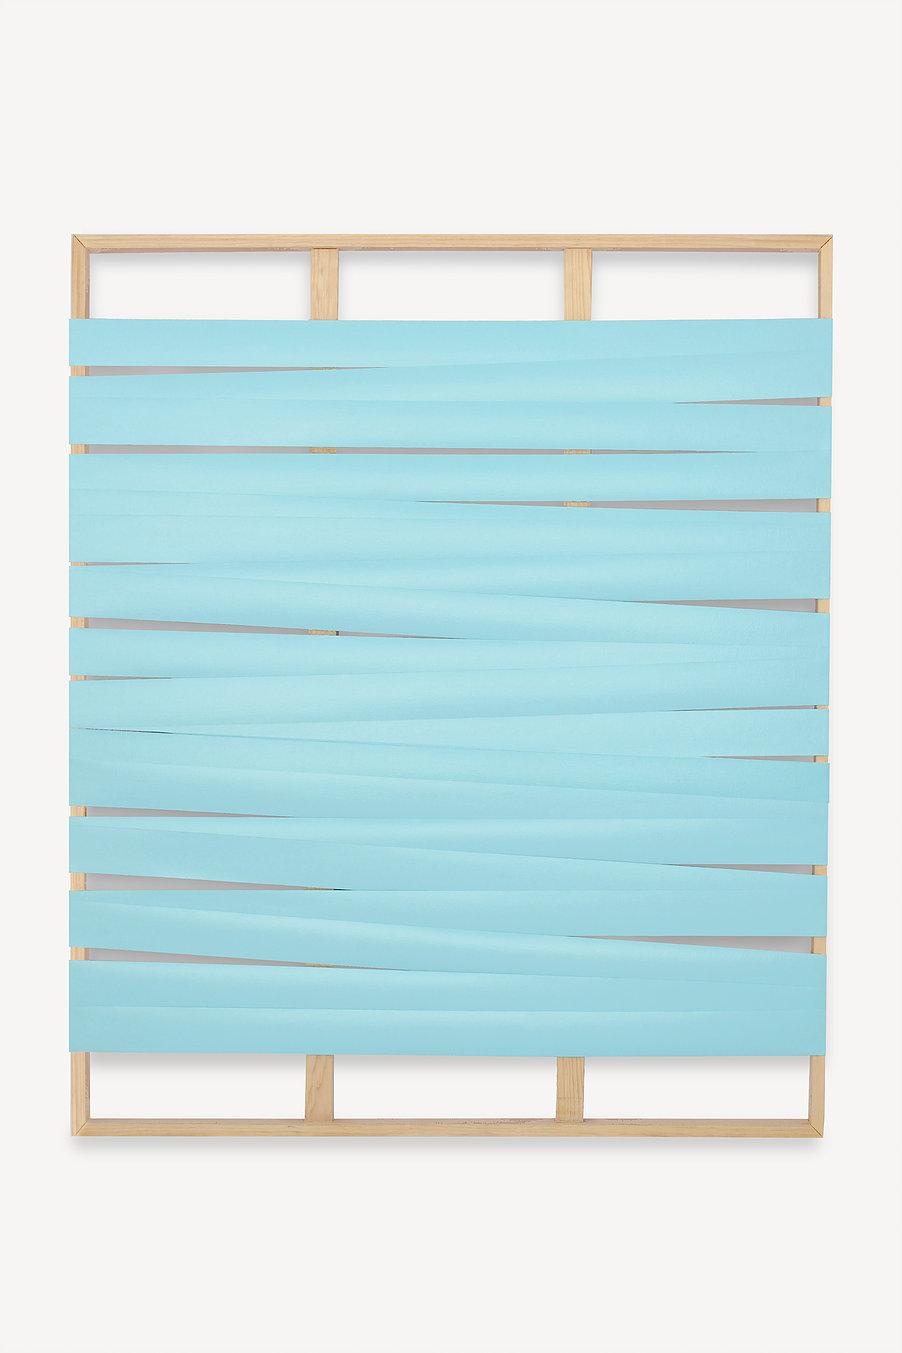 Líneas y espacios. N°5  , 2017  Acrilico sobre lienzo y bastidor  152 x 126 cm